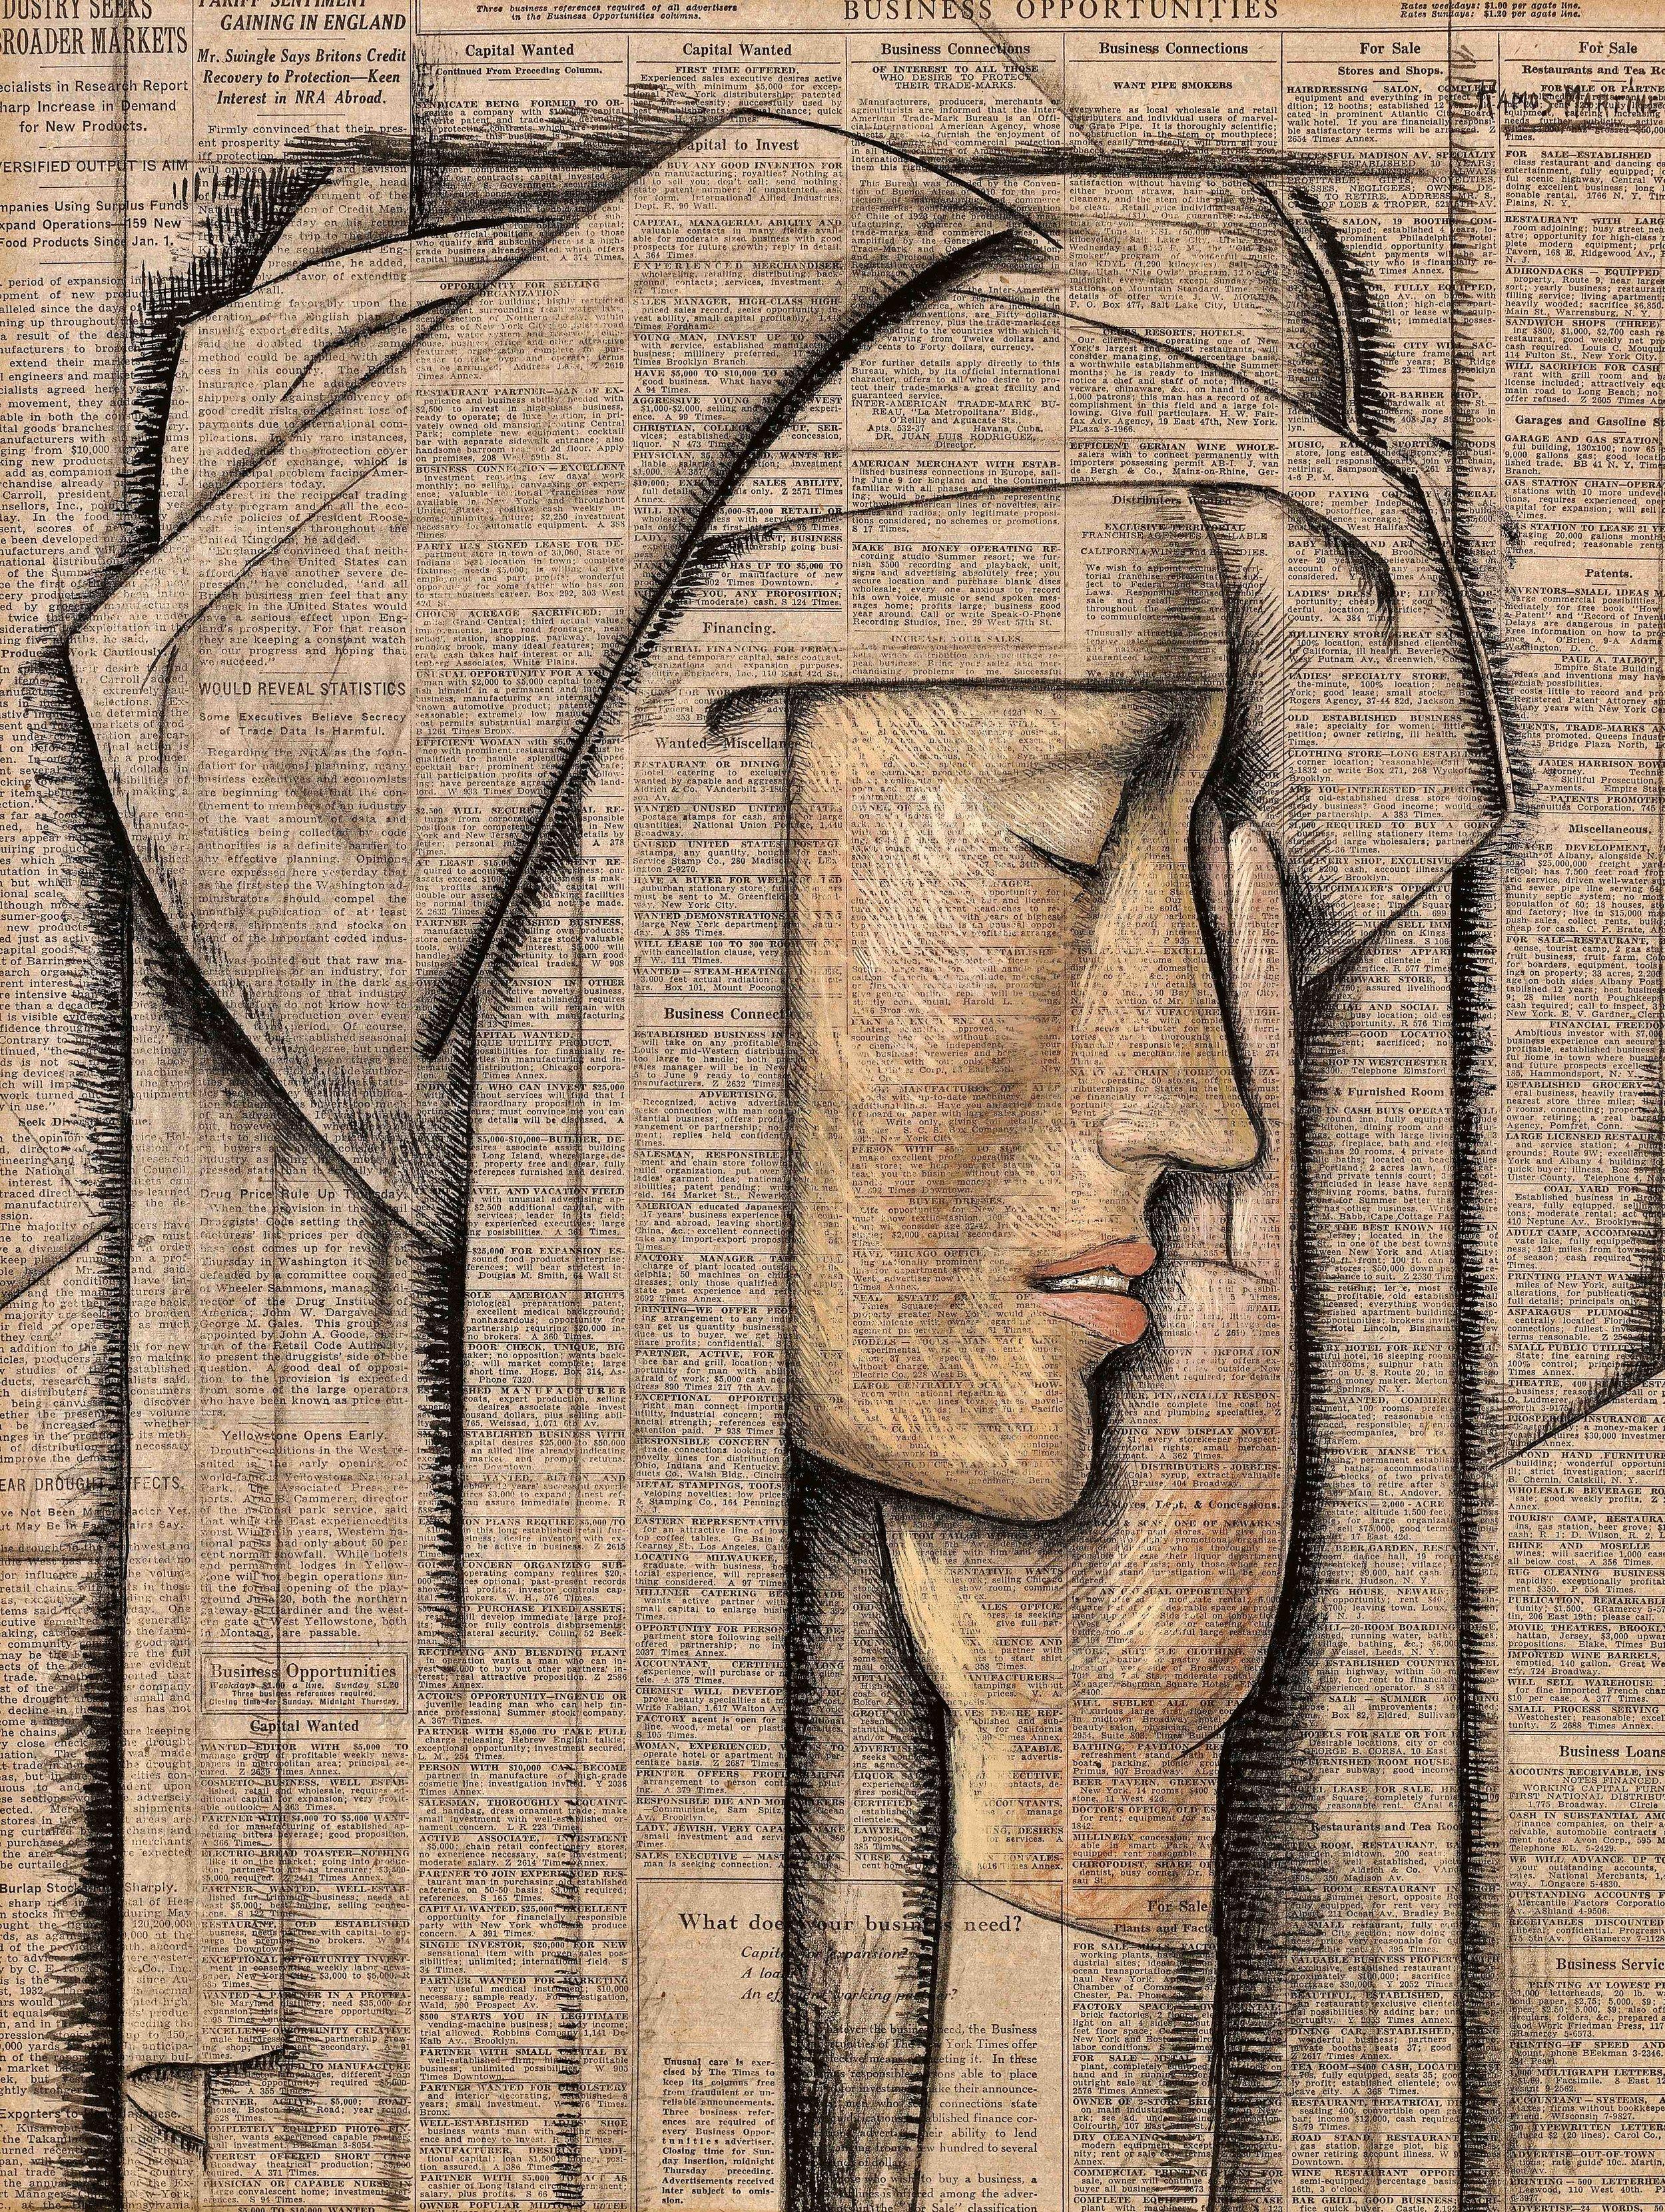 Cabeza de Monja / Head of a Nun  1934 tempera on newsprint / temple sobre papel periódico (New York Times) 20.5 x 15.5 inches; 52.1 x 39.4 centímetros Private collection